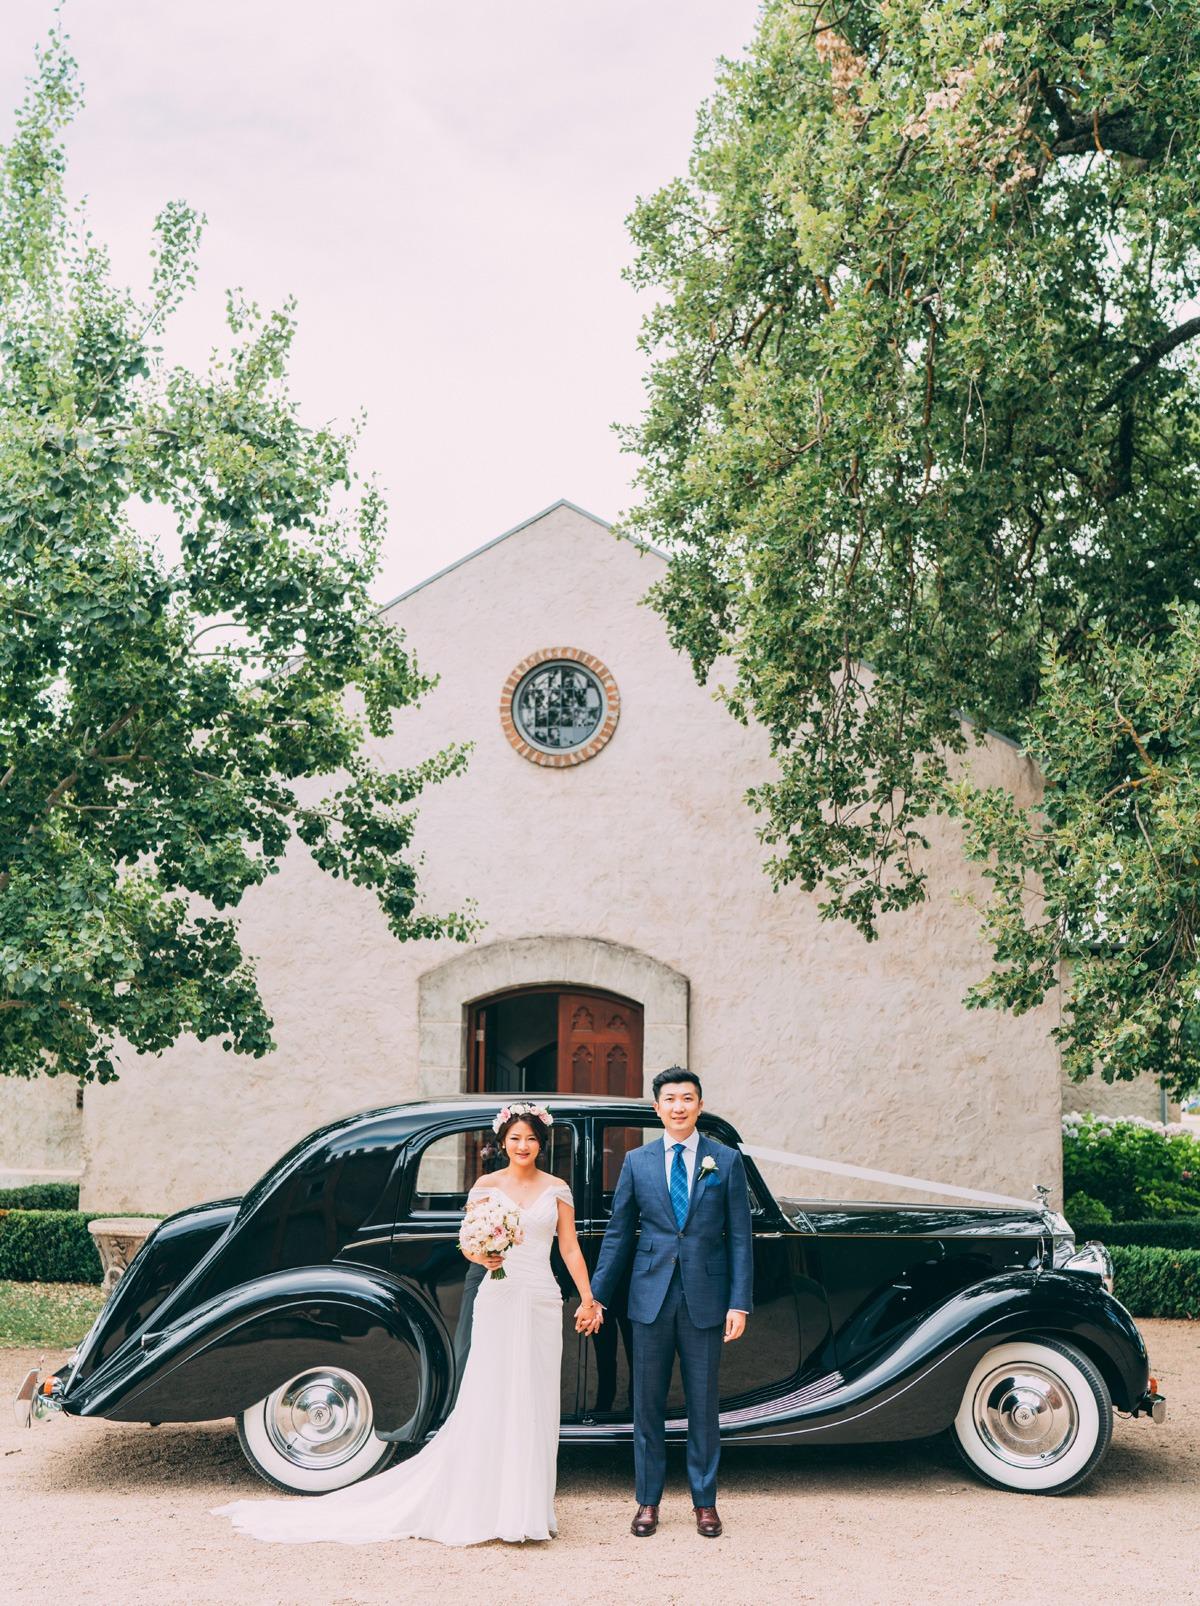 wedding stones yarra valley bride groom